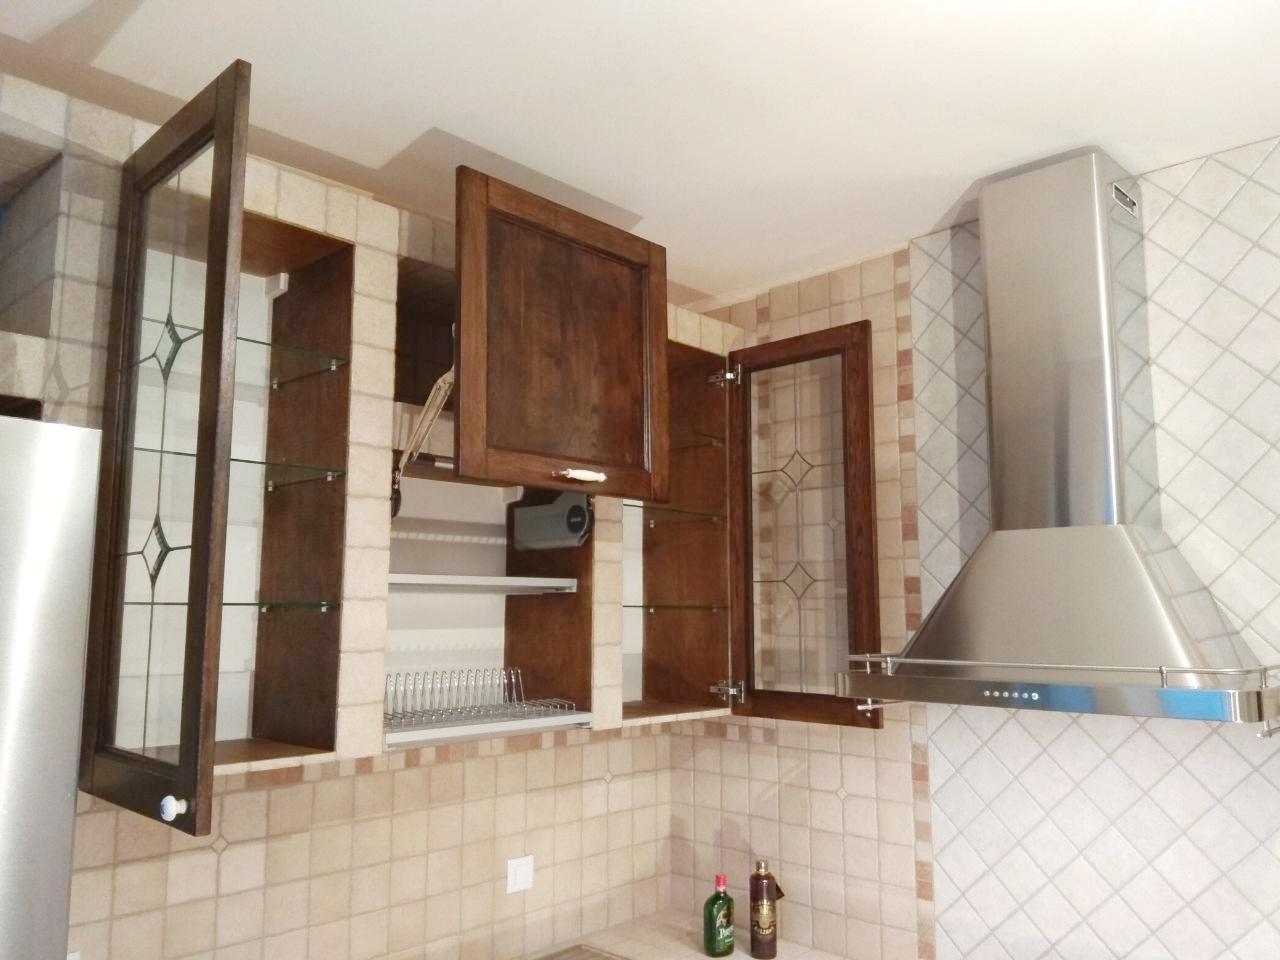 cucina in muratura.jpg